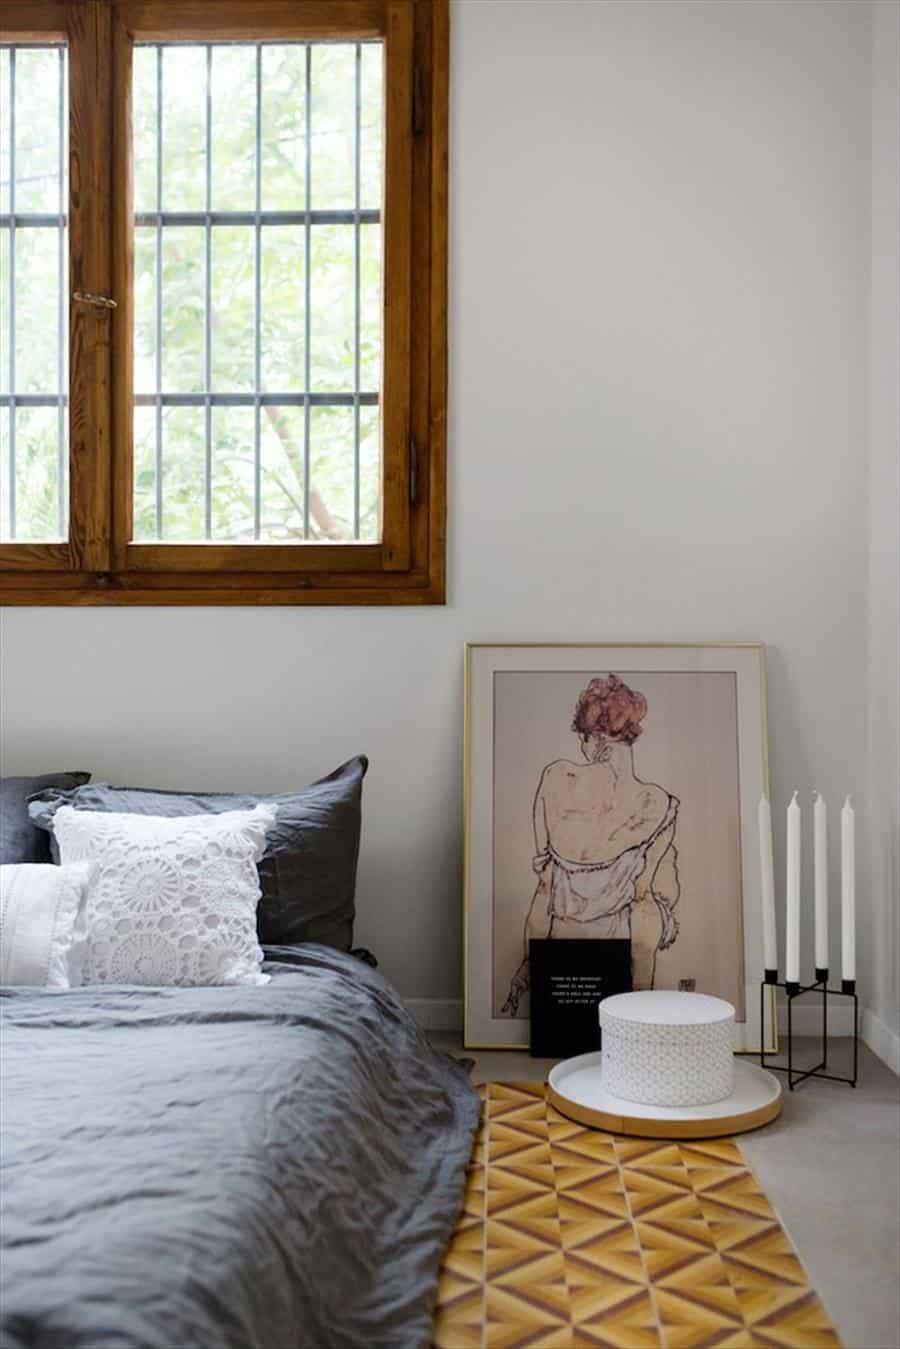 עיצוב יונית שטרן וקרן בר   צילום שירן כרמל